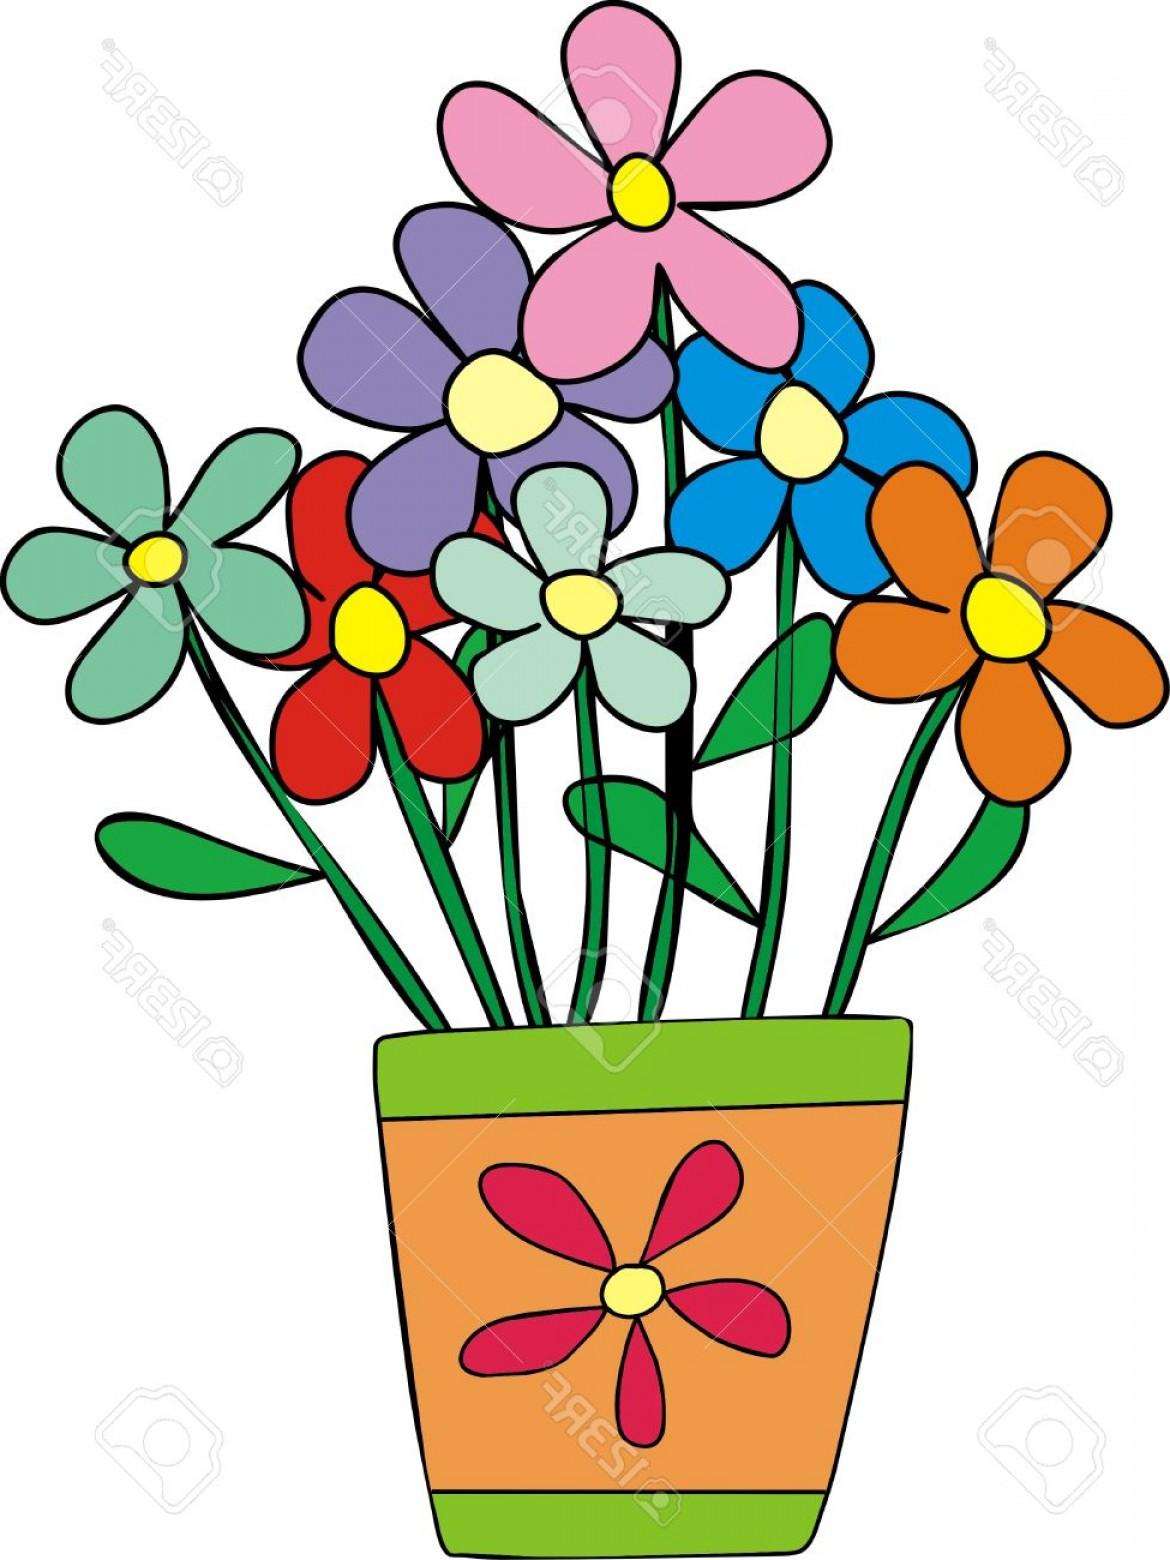 Flower Pot Clipart & Free Flower Pot Clipart.png Transparent.